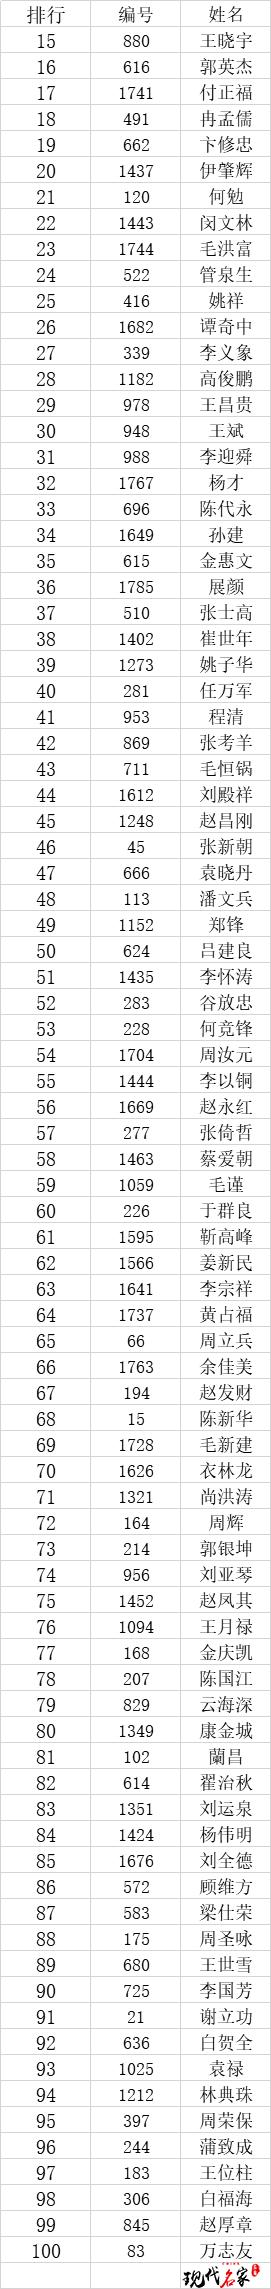 """2020年""""现代名家·华夏荣誉杯""""全国书画艺术大赛获奖名单公布!-第4张"""